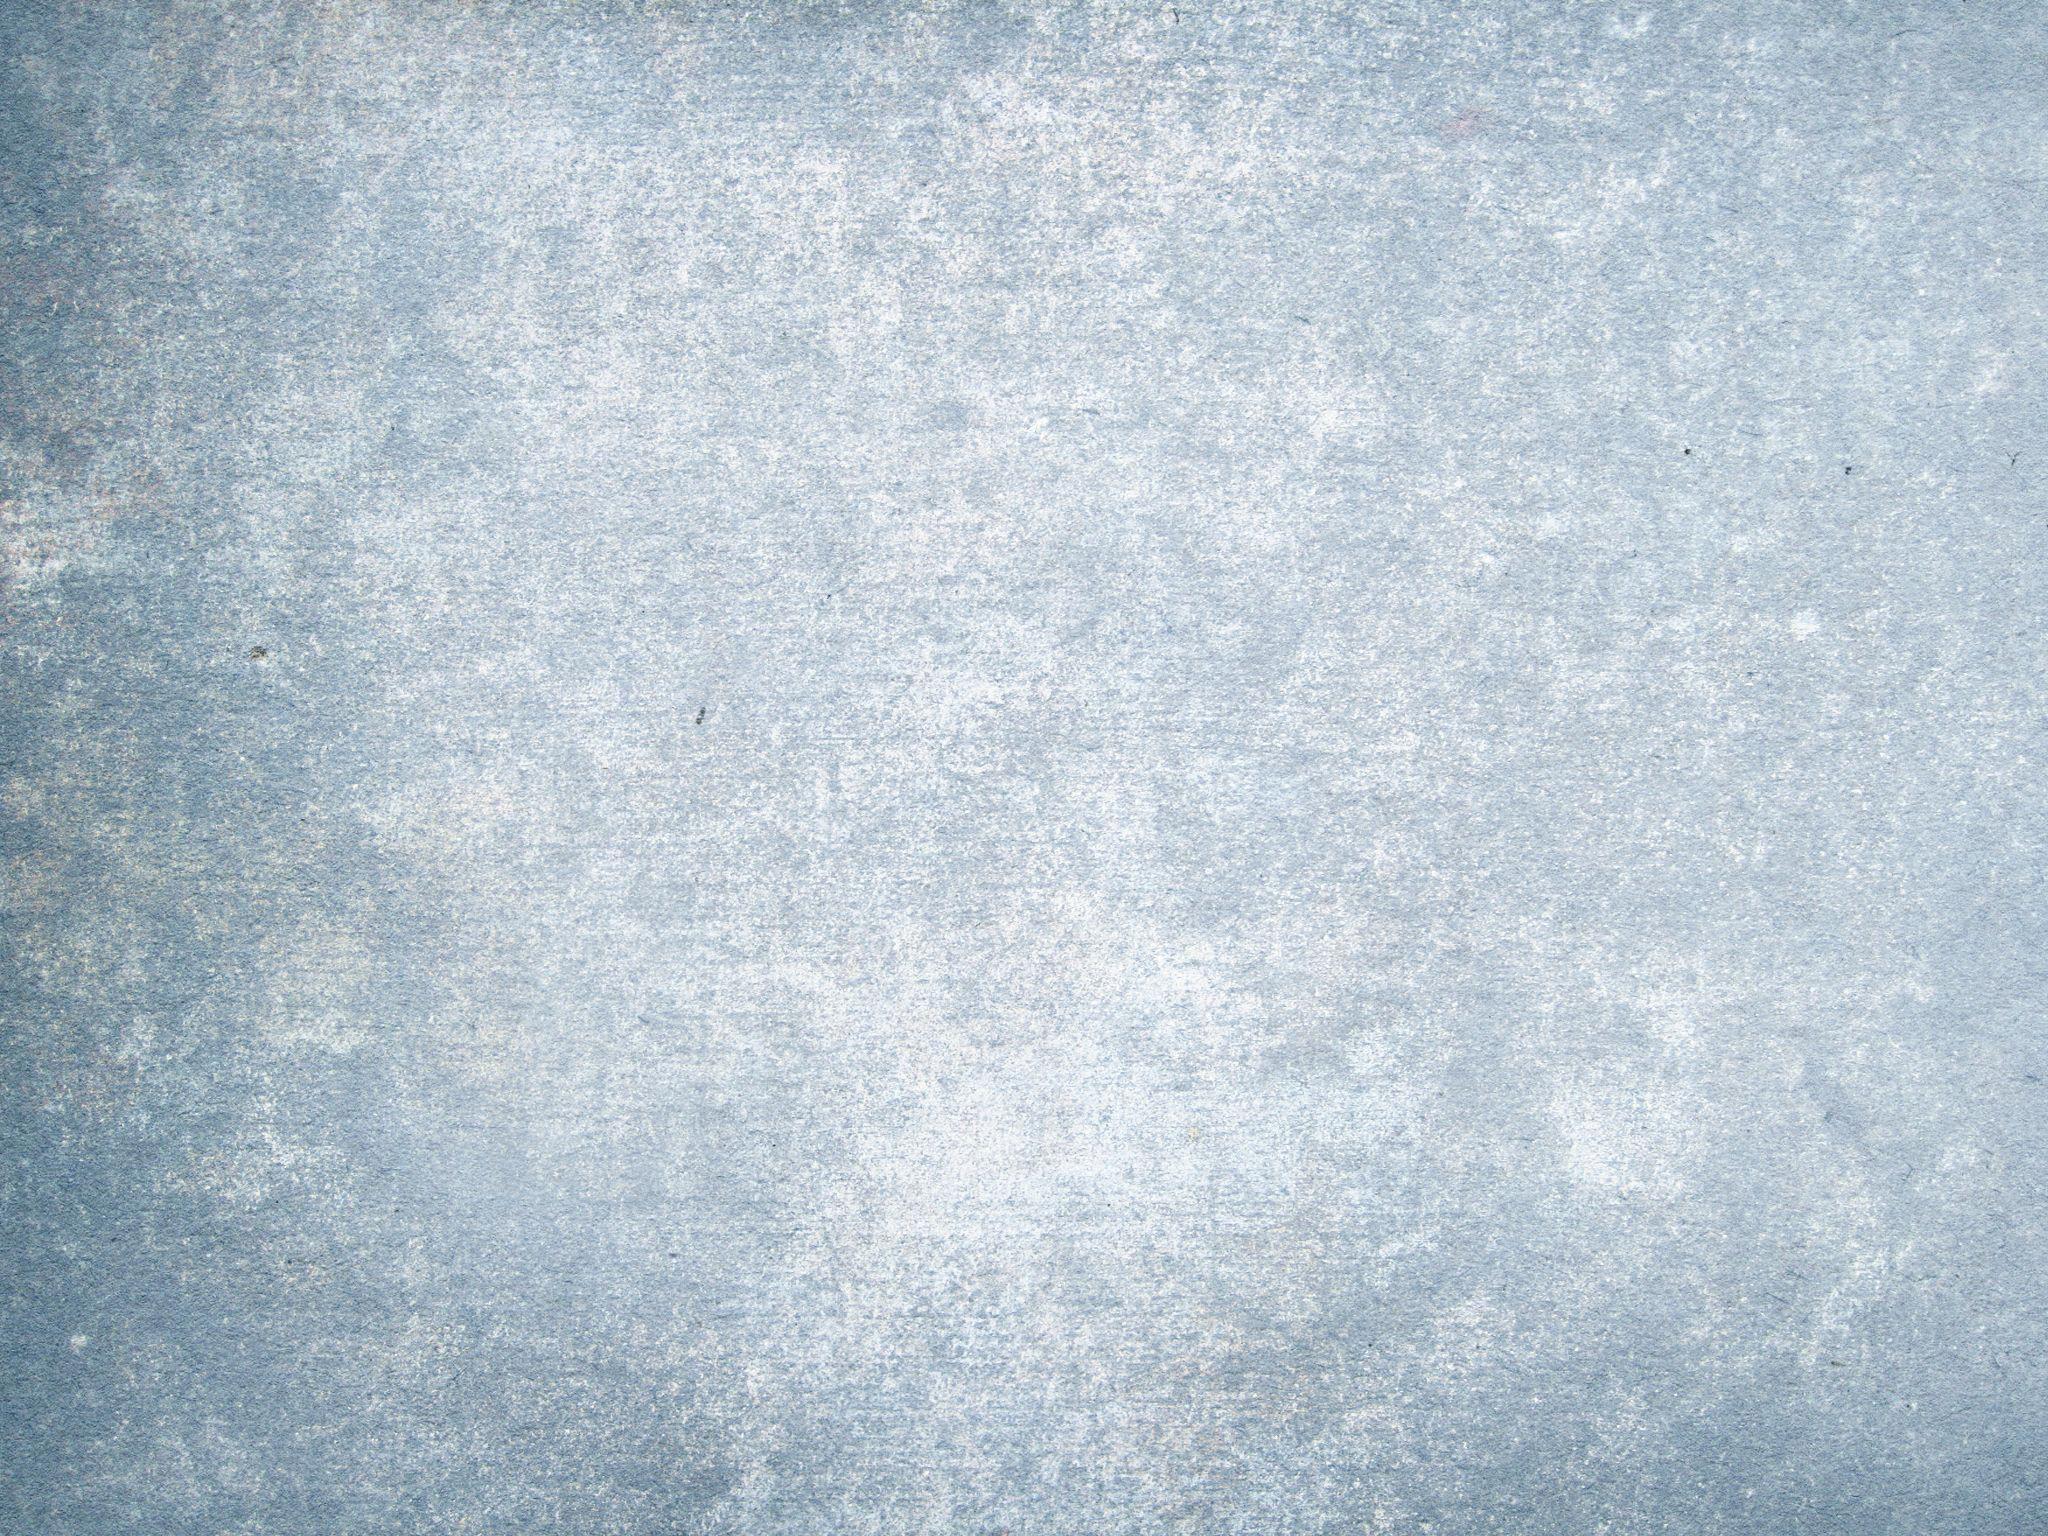 Free Subtle Blue Grunge Texture Texture L T Photoshoptextures Metalltextur Photoshop Textur Free Photoshop Textures